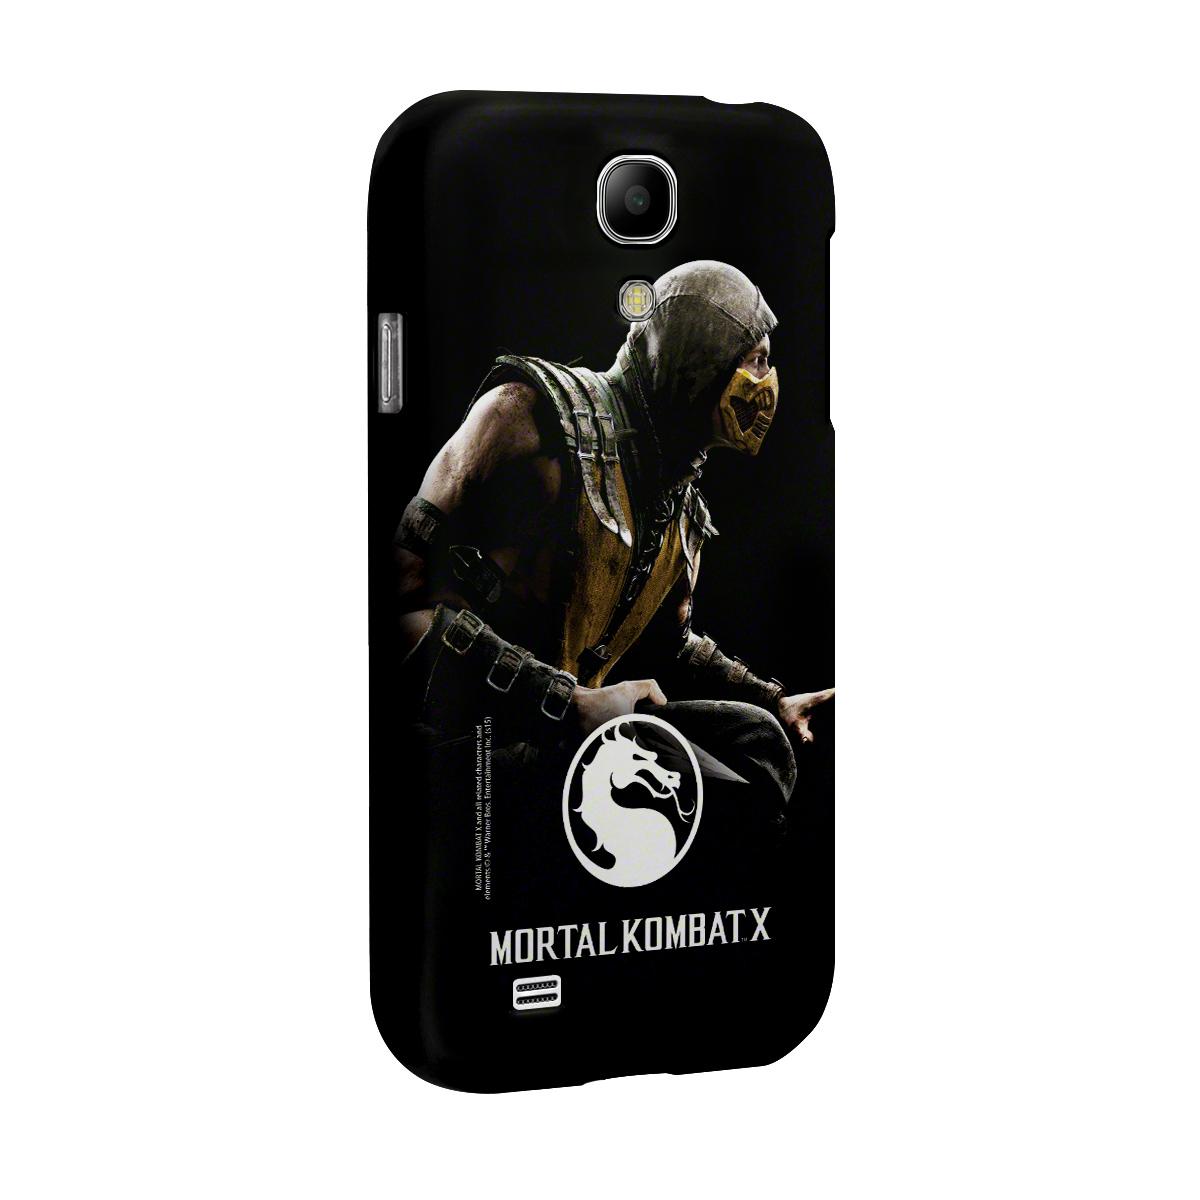 Capa para Samsung Galaxy S4 Mortal Kombat X Capa